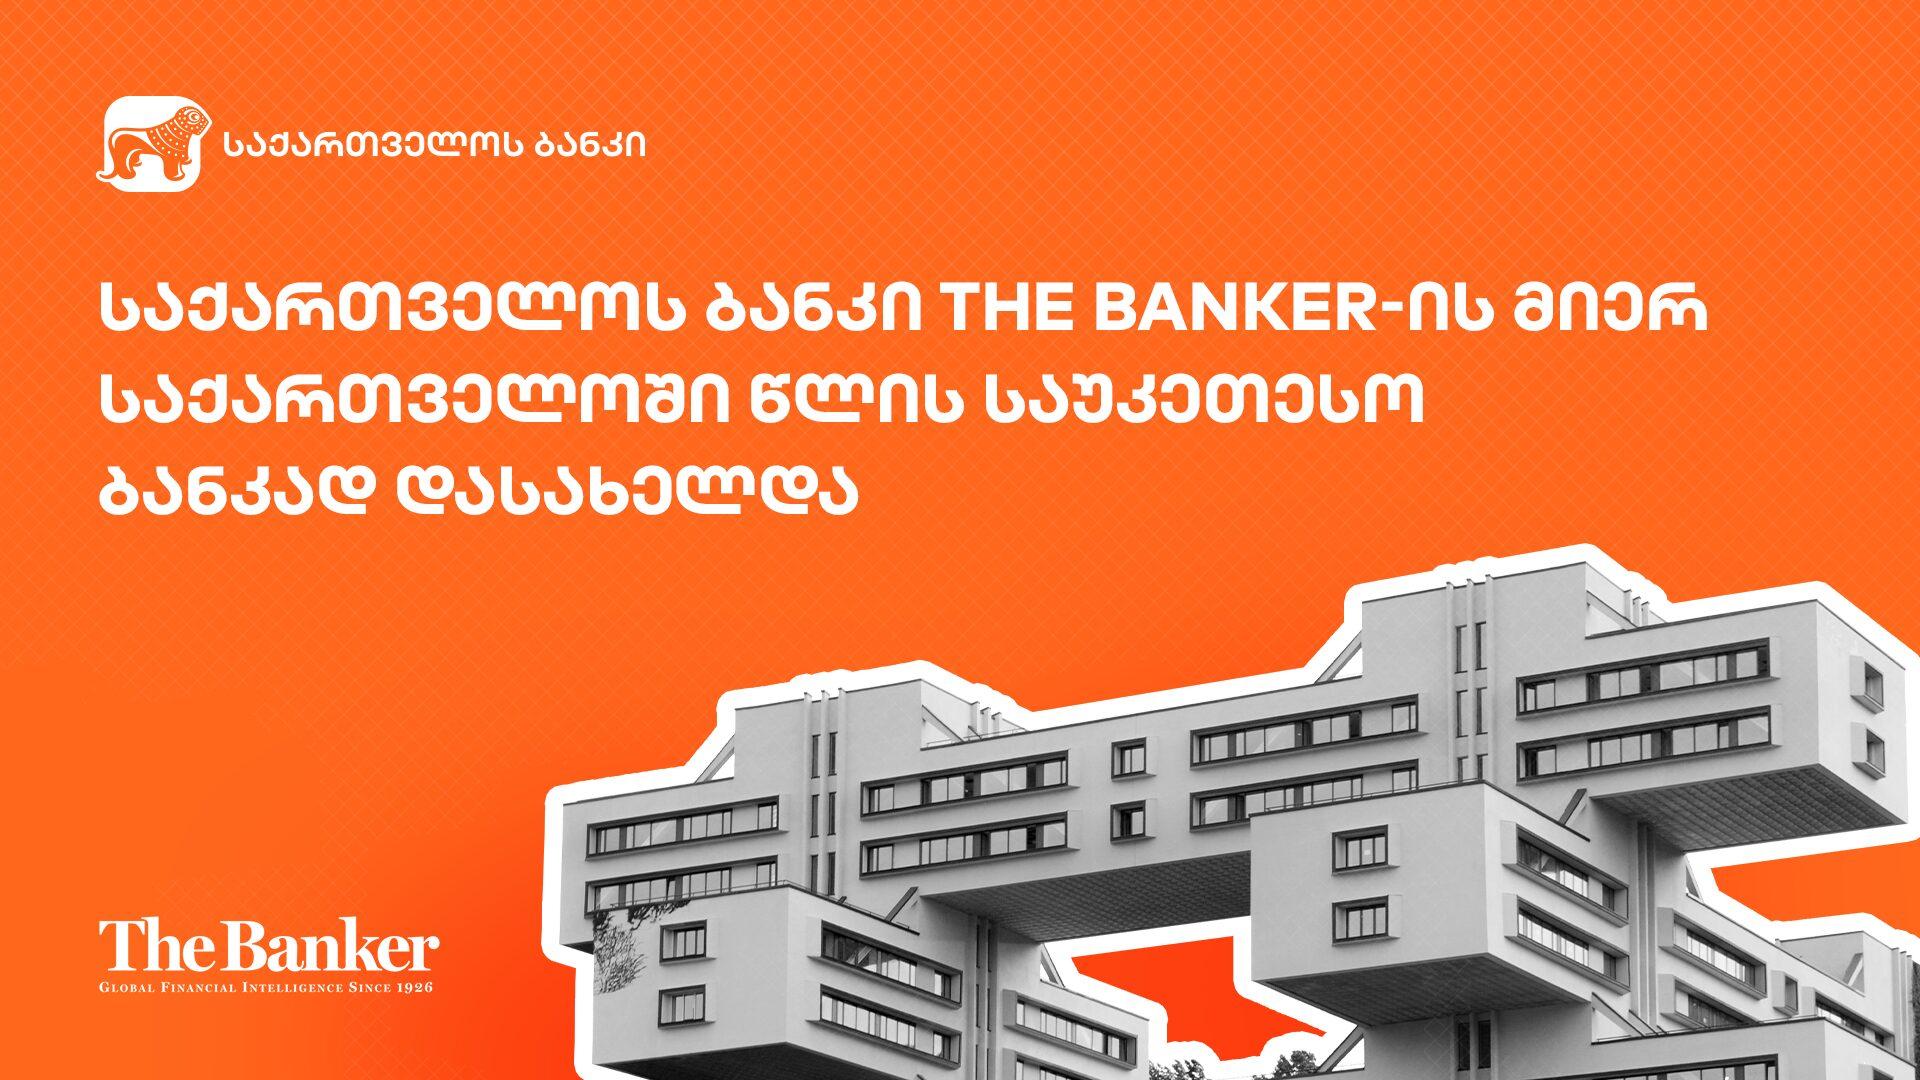 Photo of საქართველოს ბანკი The Banker-ის მიერ საქართველოში წლის საუკეთესო ბანკად დასახელდა